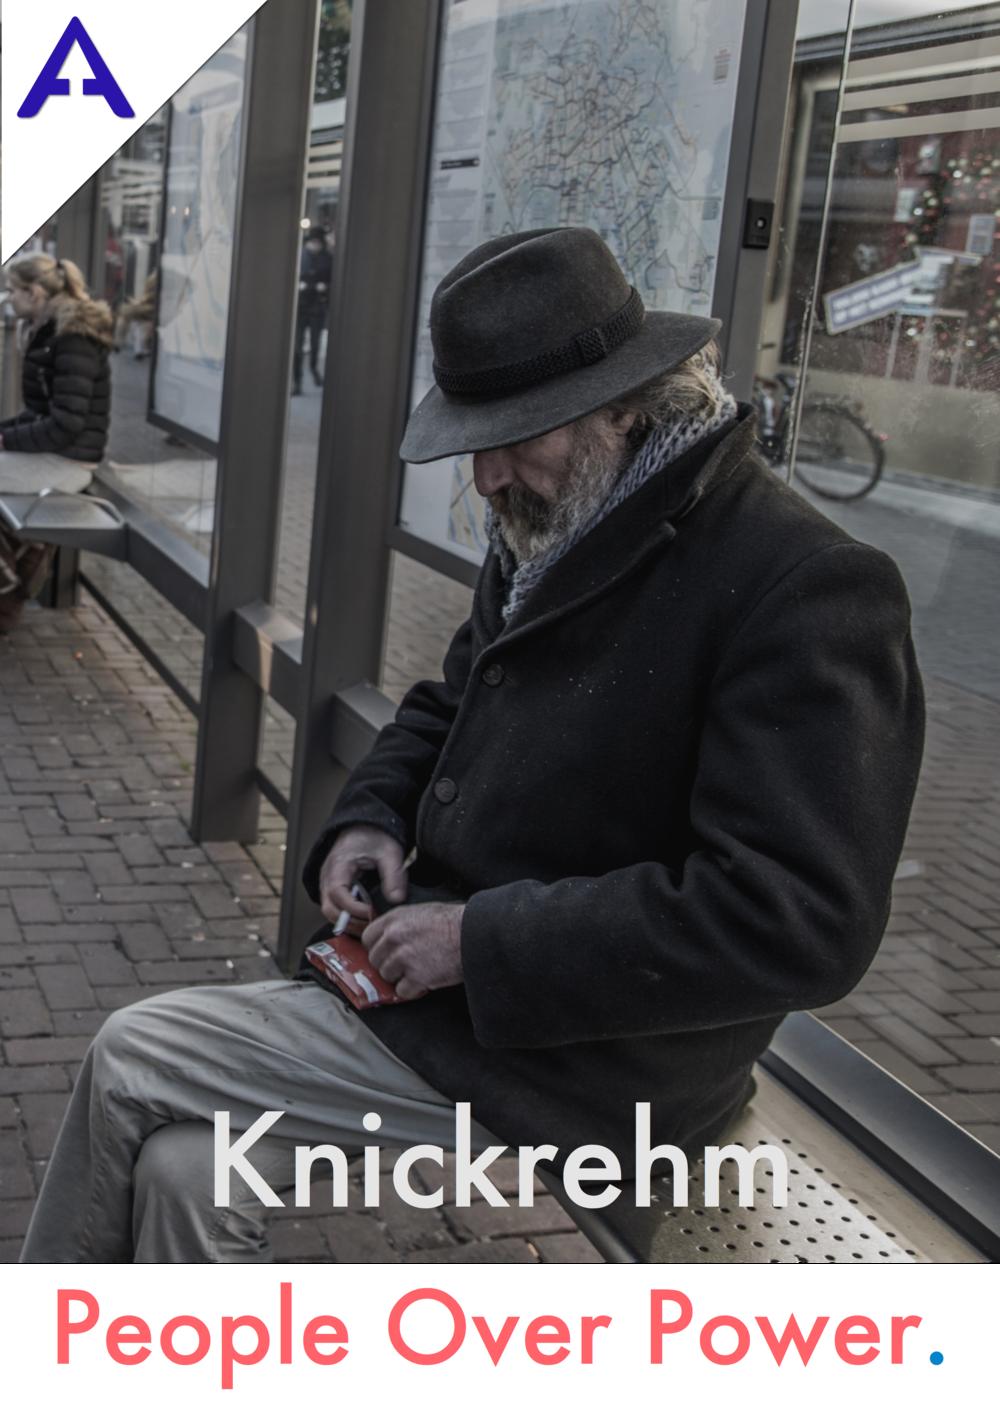 Knickrem Poster 2.png